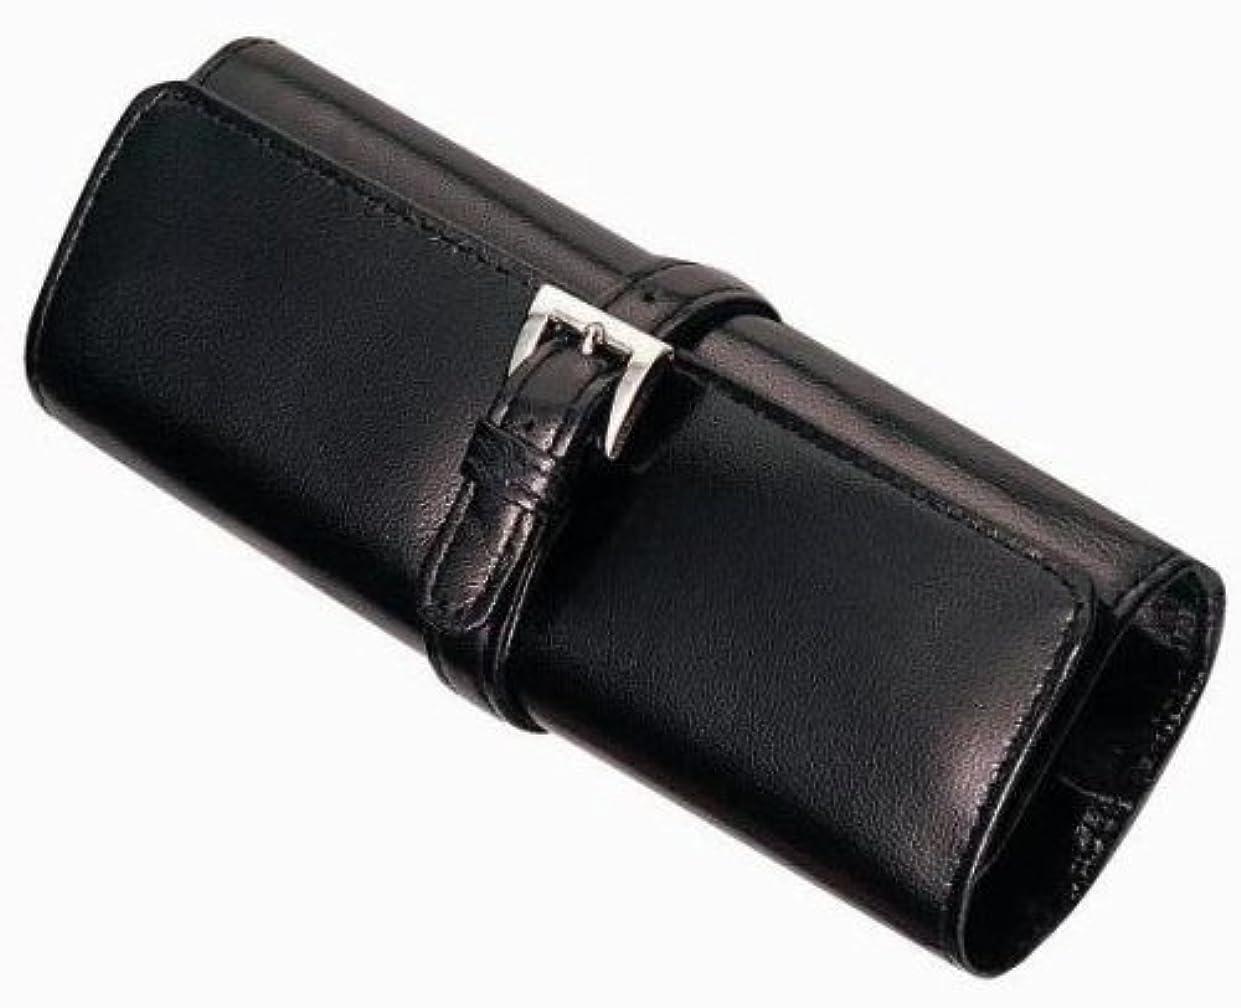 納屋政令リップラファエル ネイビーレーベル ブラシ4本セット(ブラック)